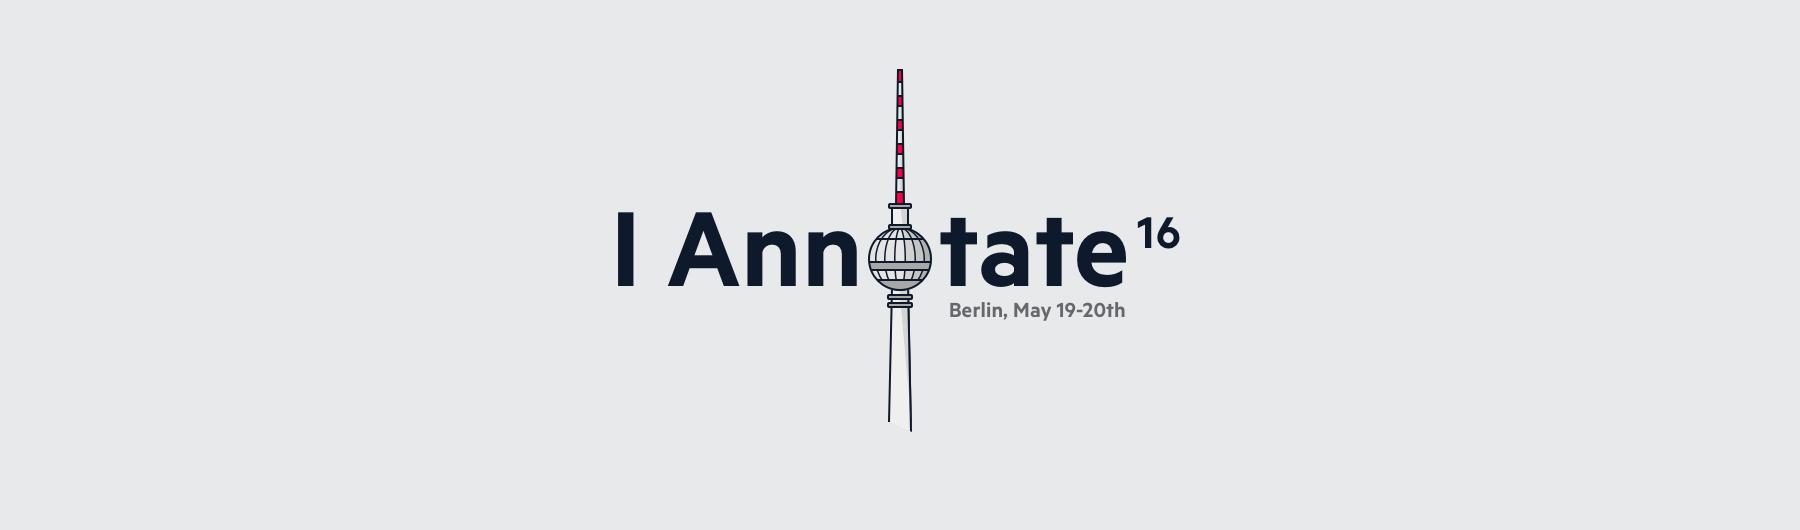 I Annotate 2016 - Berlin